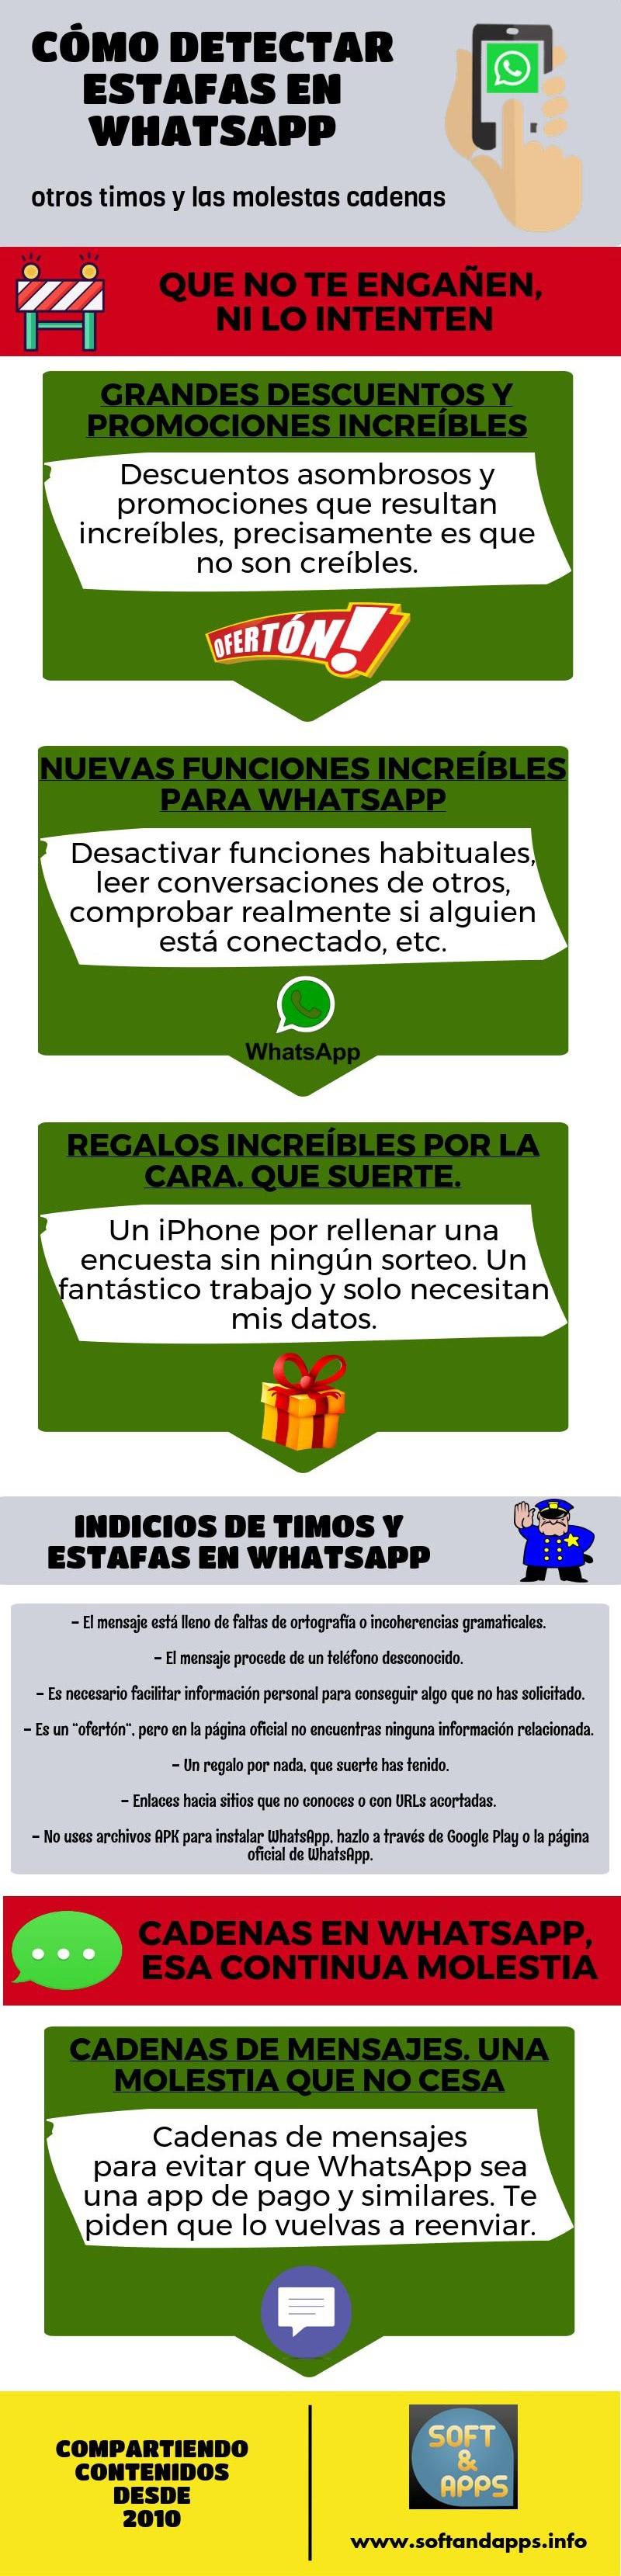 Cómo detectar estafas en WhatsApp - Infografía